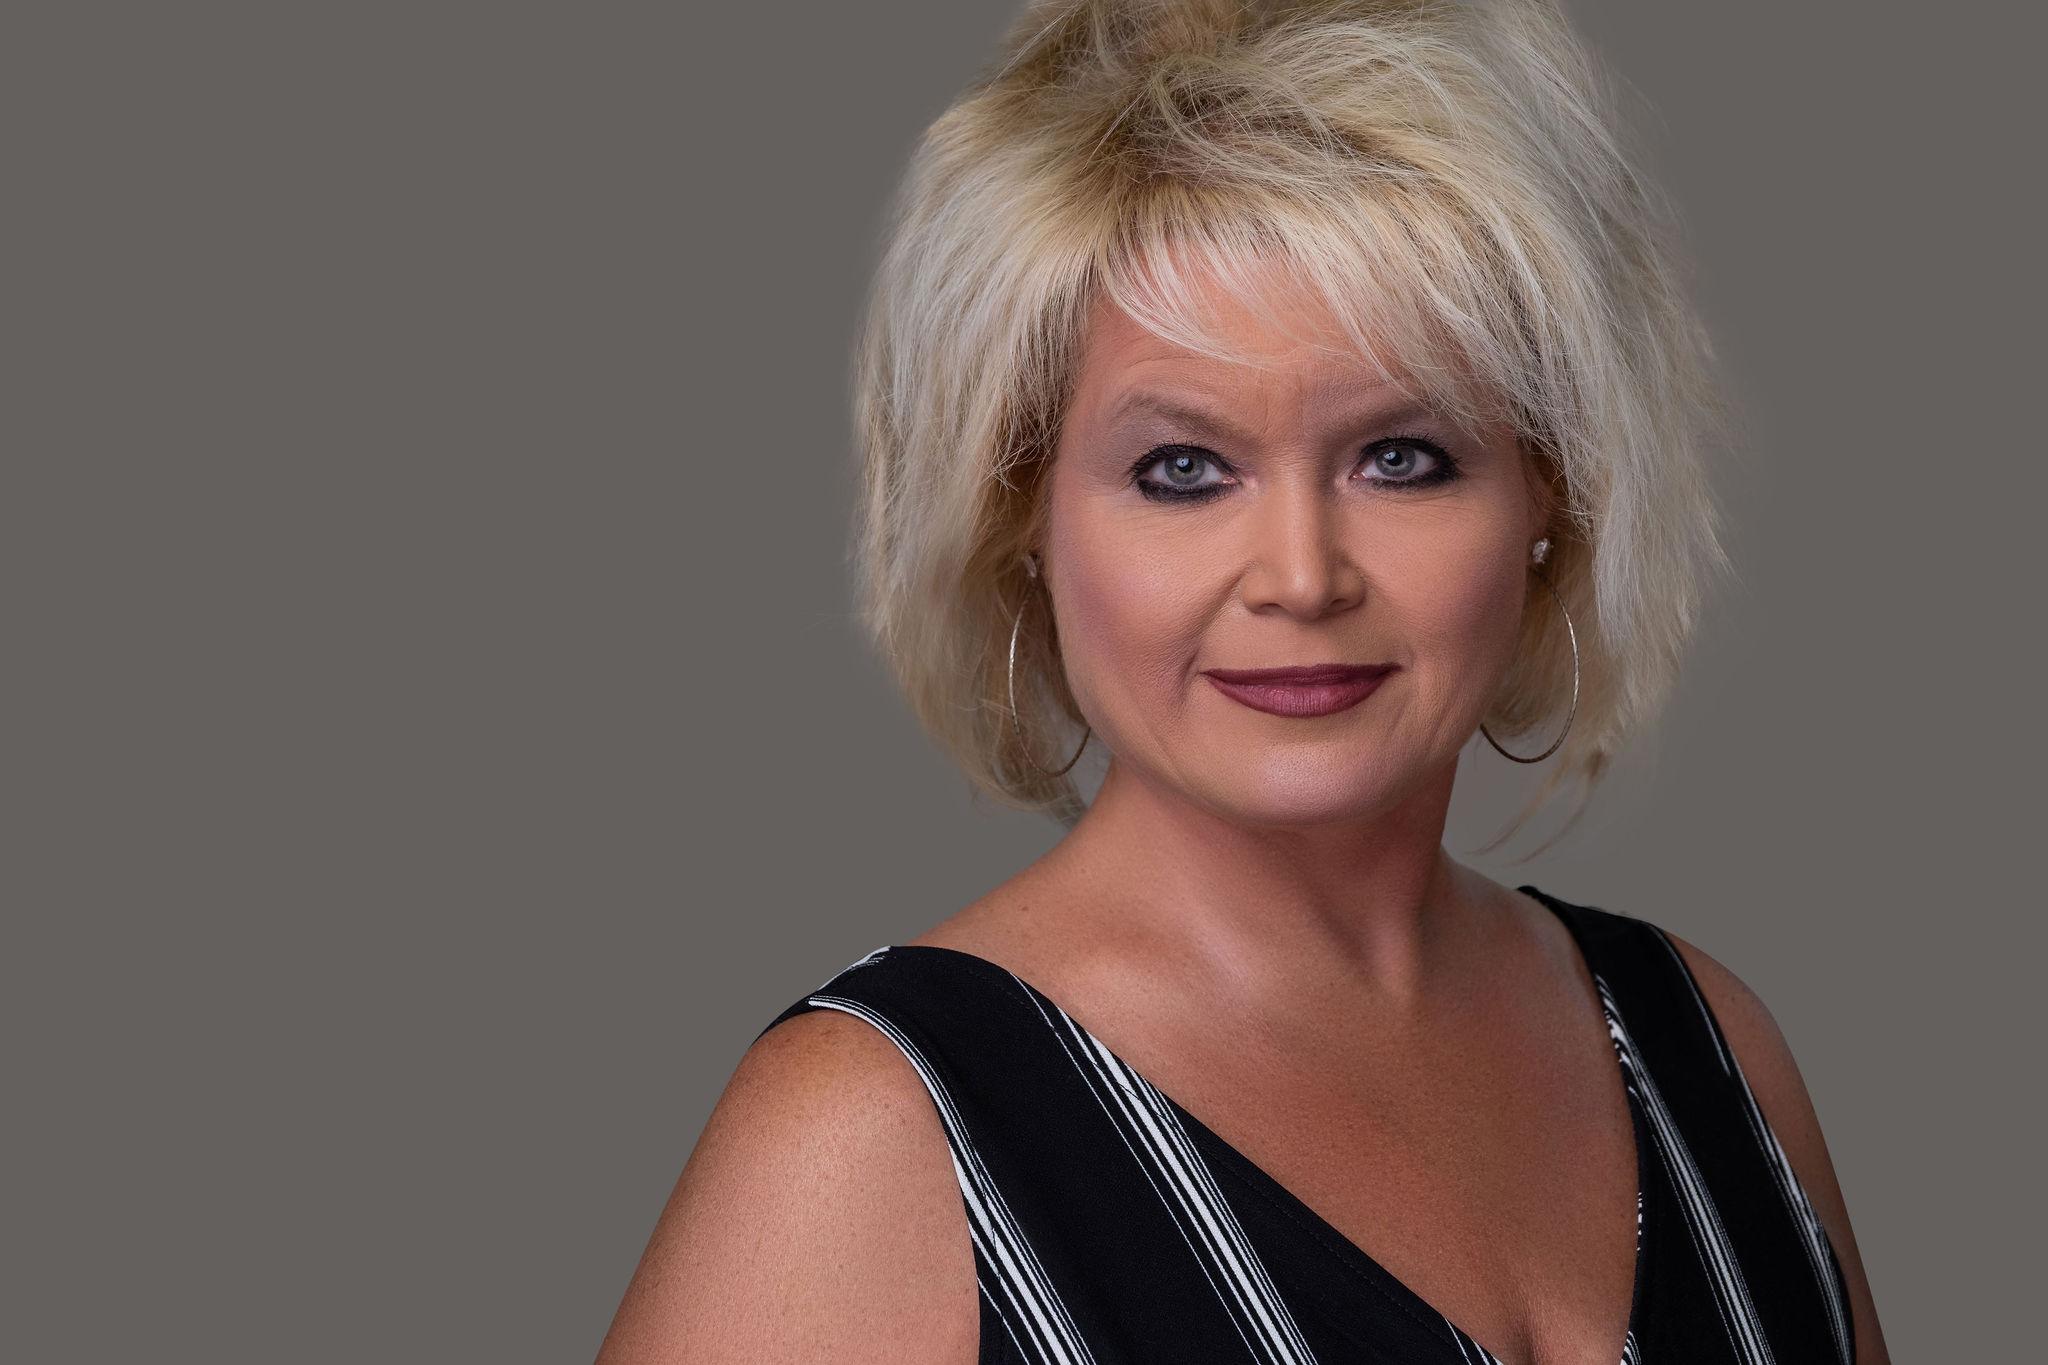 Kathi McCrory